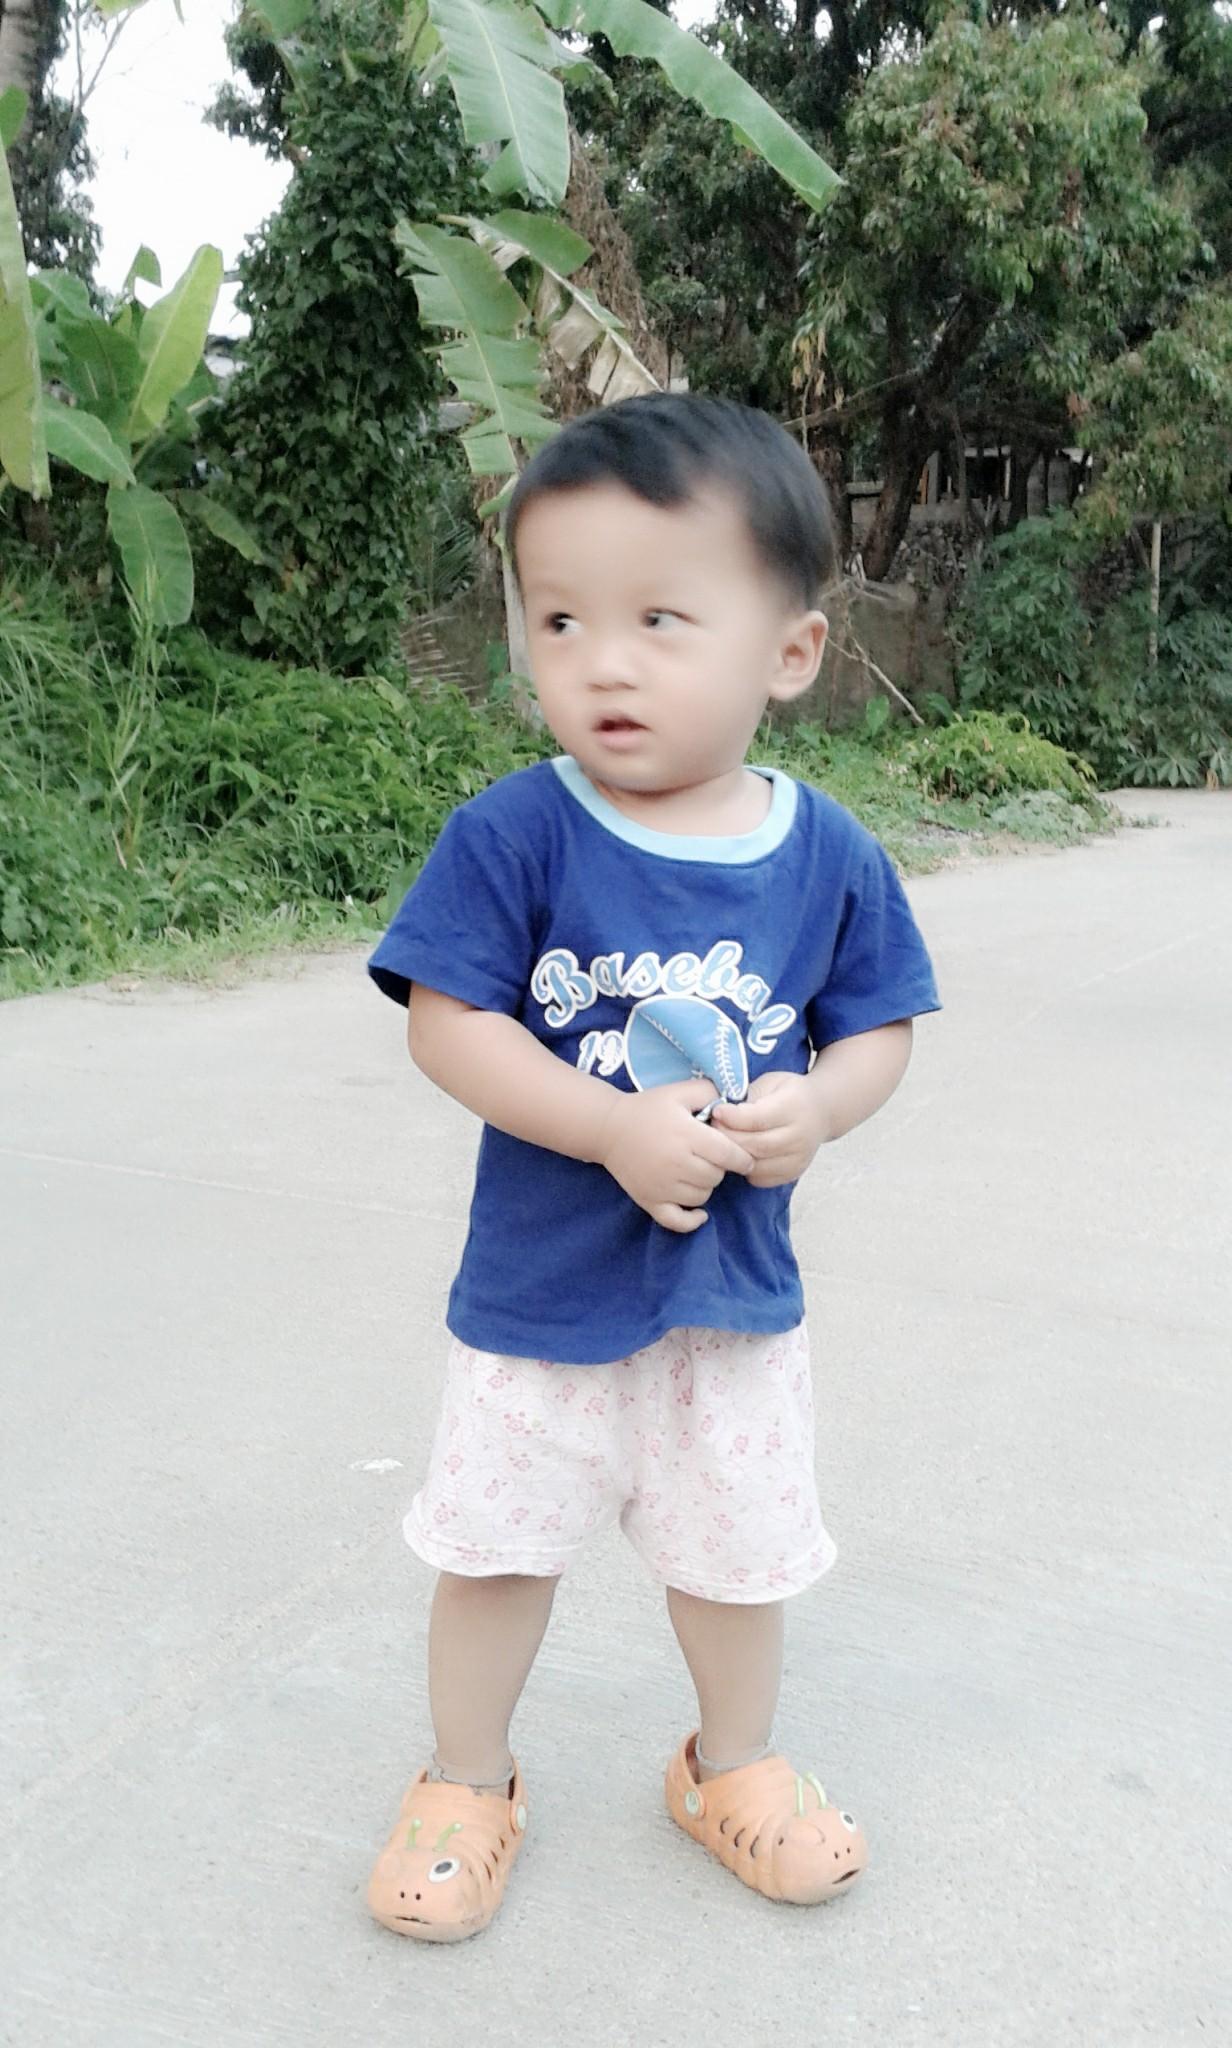 หีเด็ก10ขวบ ตอนนี้ลูกสาว 1 ขวบ 10 เดือนแล้ว แต่น้ำหนักไม่ขึ้นเลย ใครมีวิธีแนะนำบ้างครับ  - Pantip